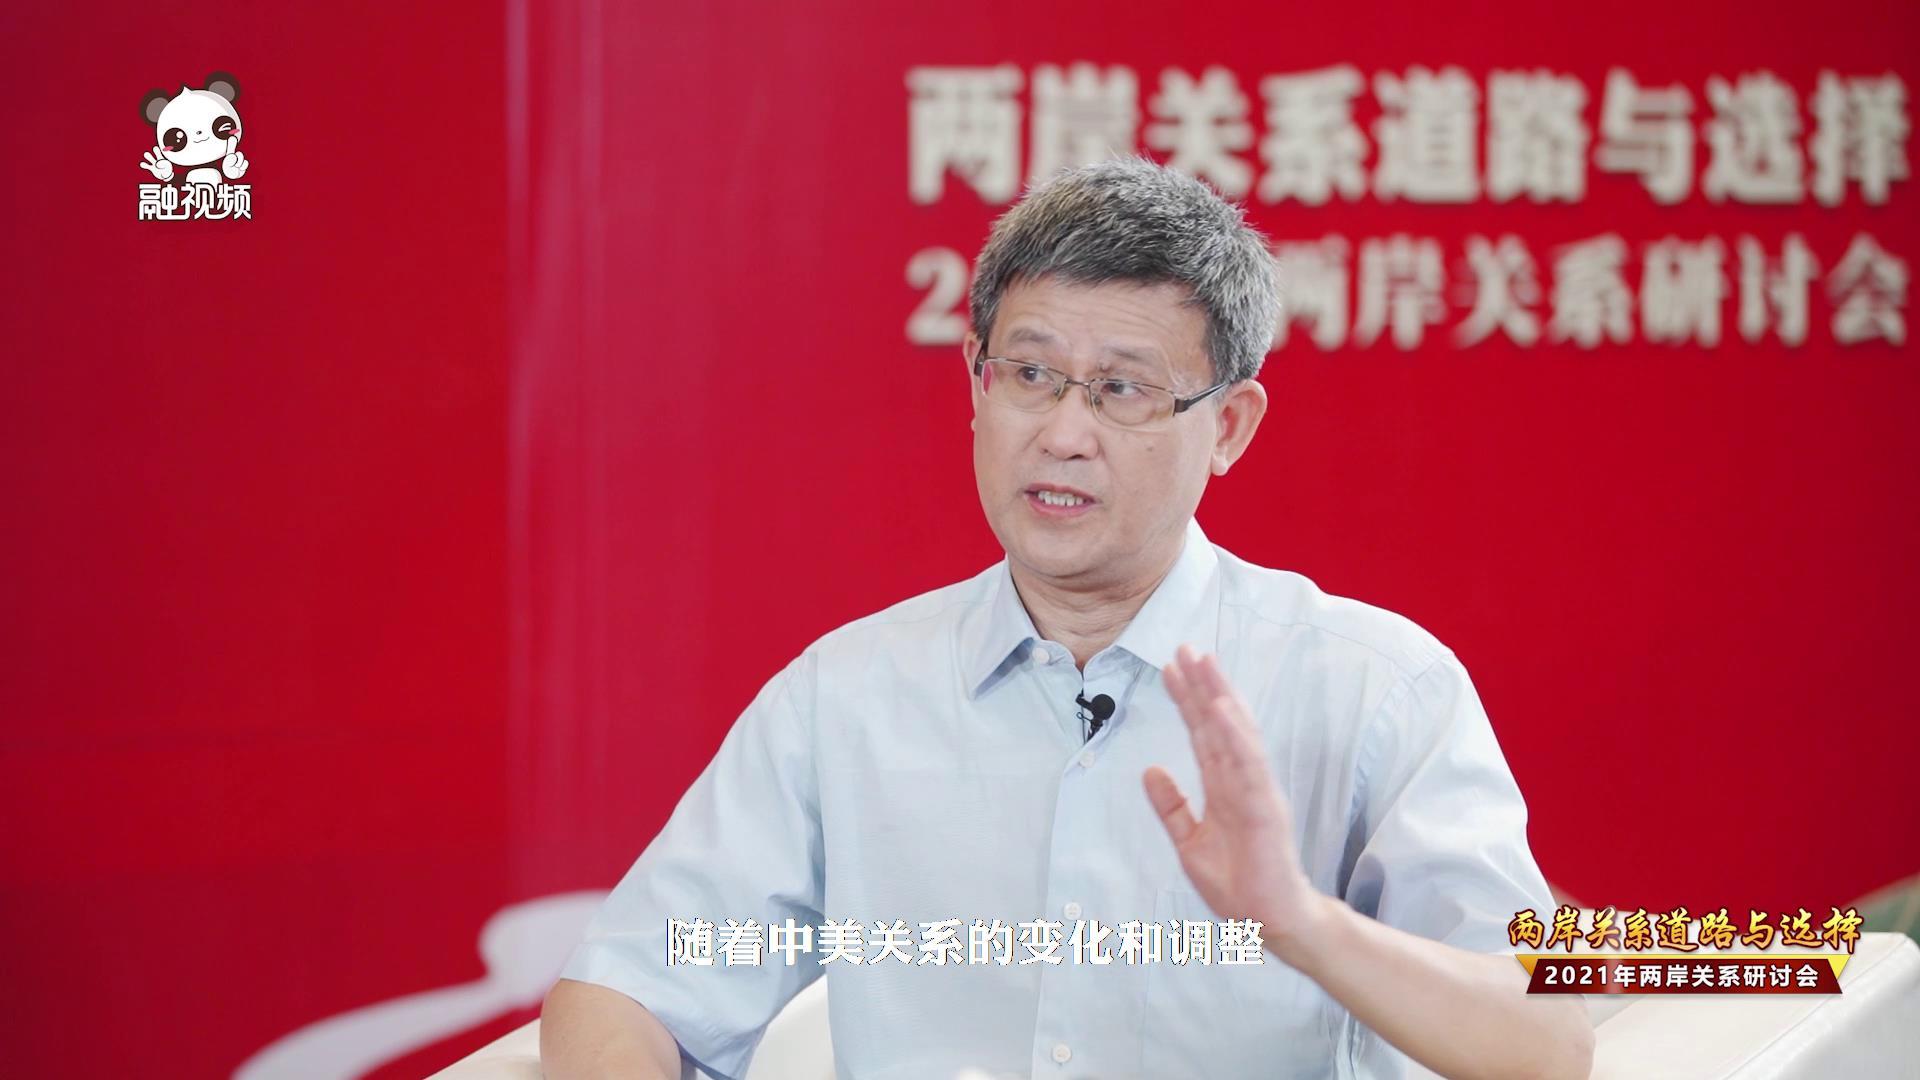 95%以上的中国人都在为两岸统一努力,大势必然在统一这条路上图片